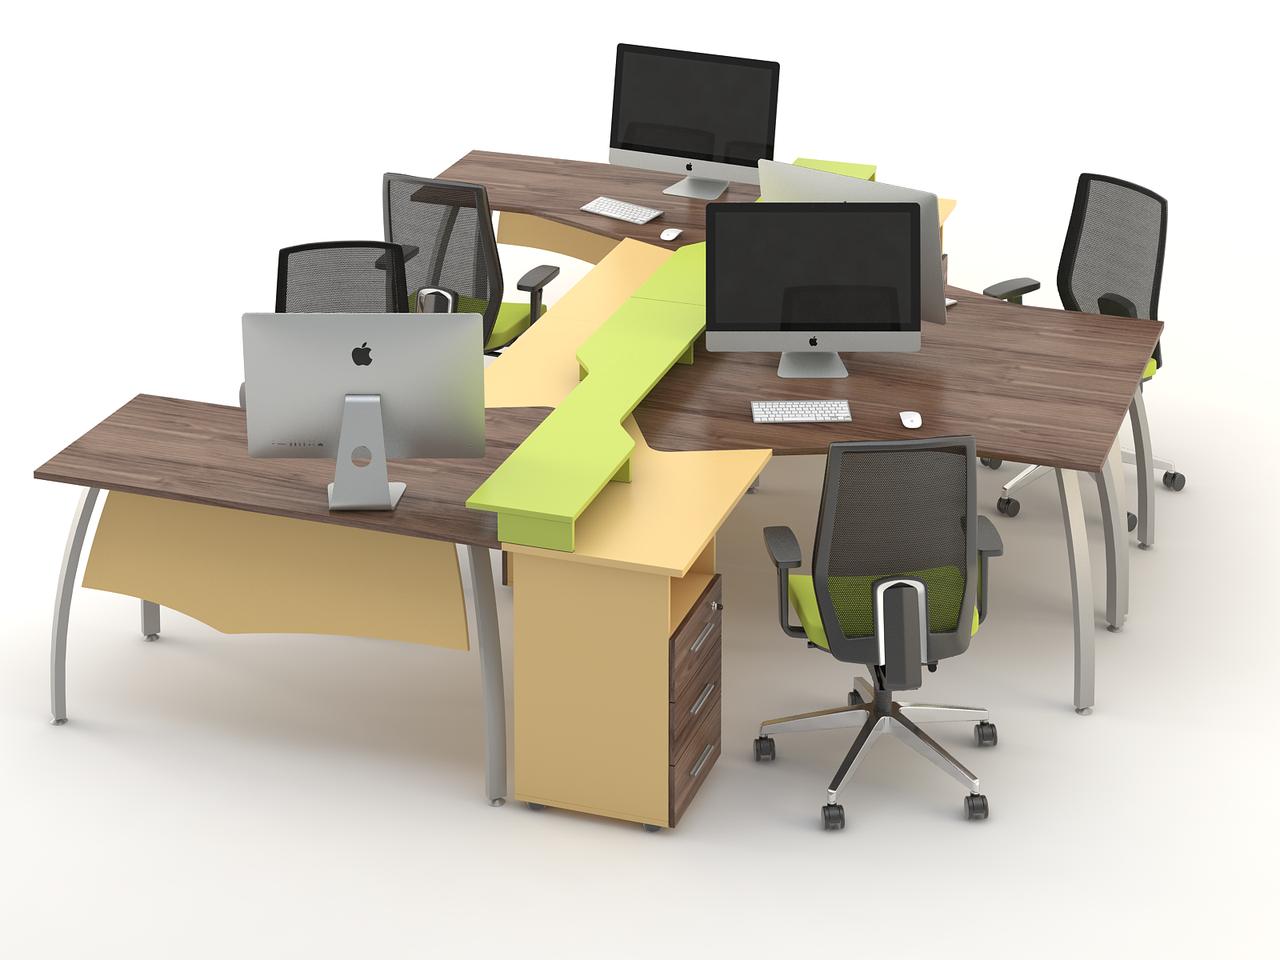 Комплект мебели для персонала серии Прайм композиция №5 ТМ MConcept